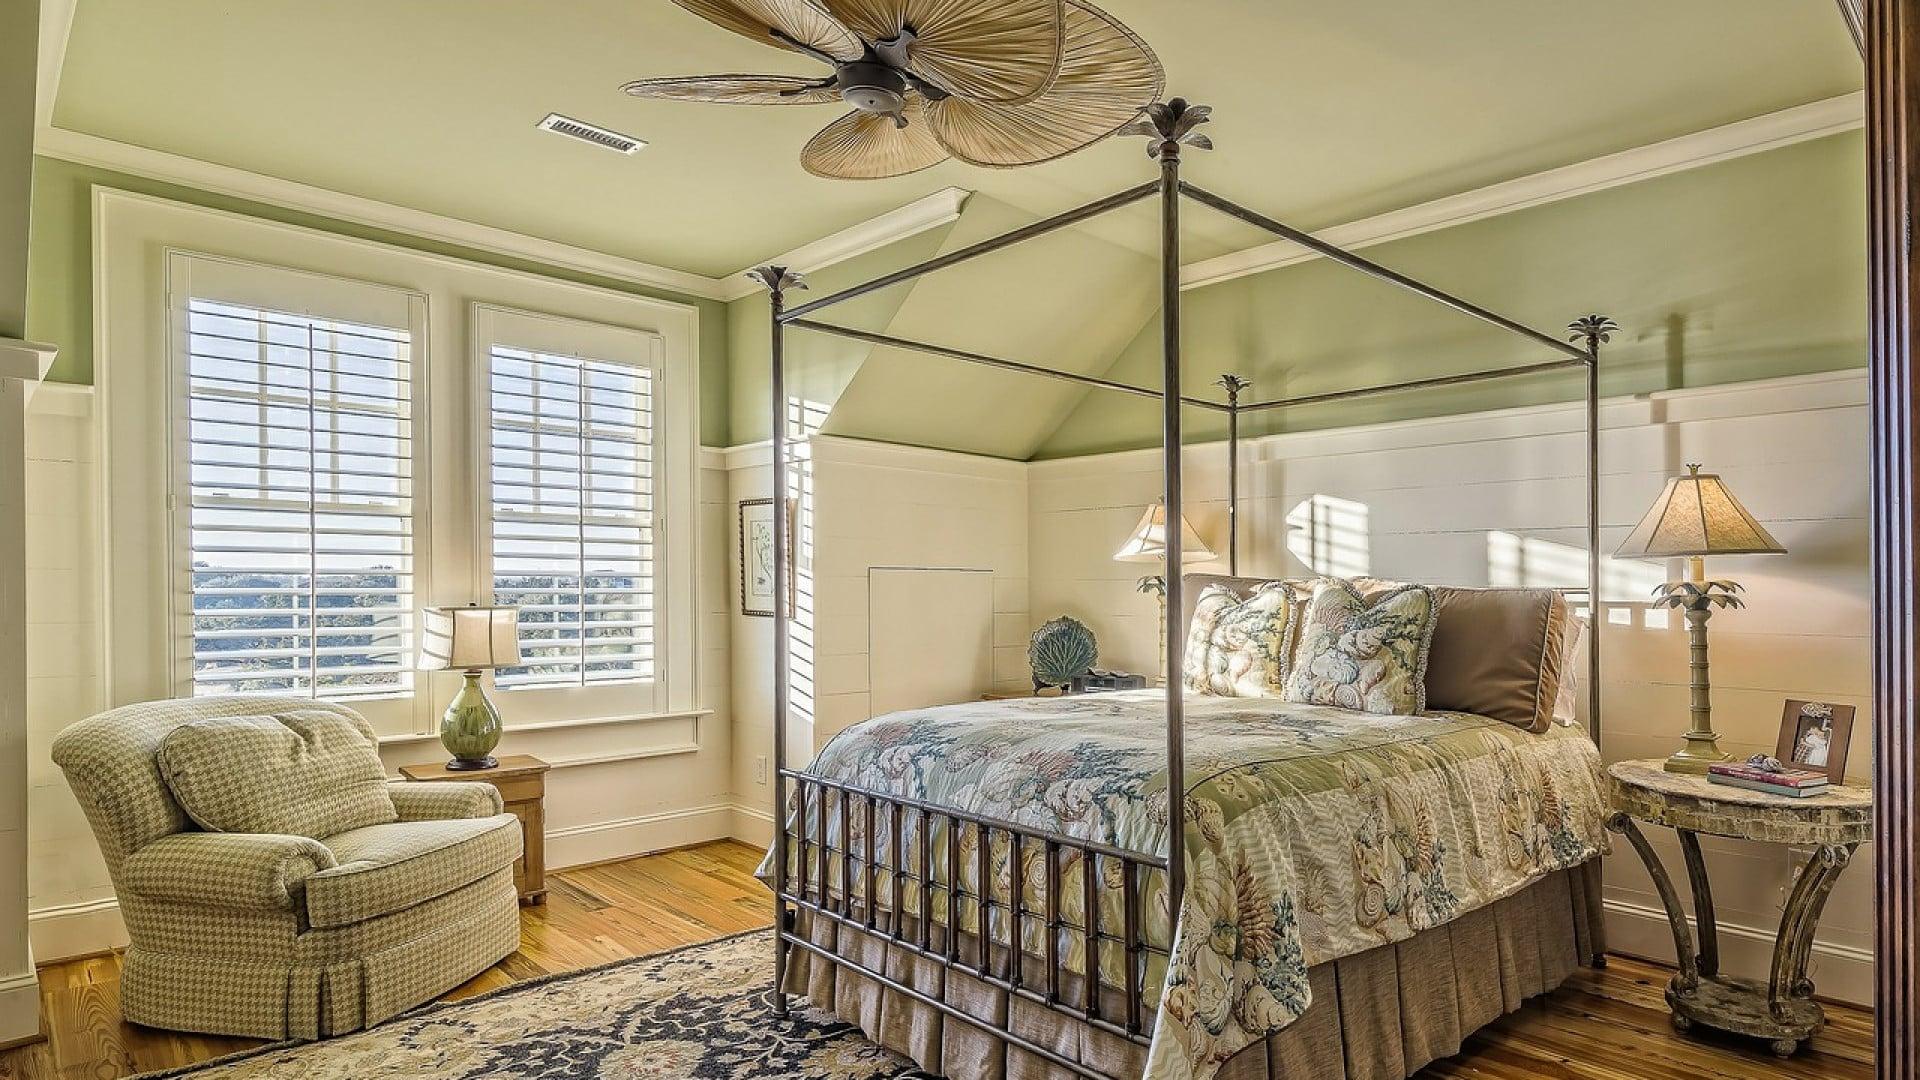 Comment choisir le tapis pour sa chambre à coucher?